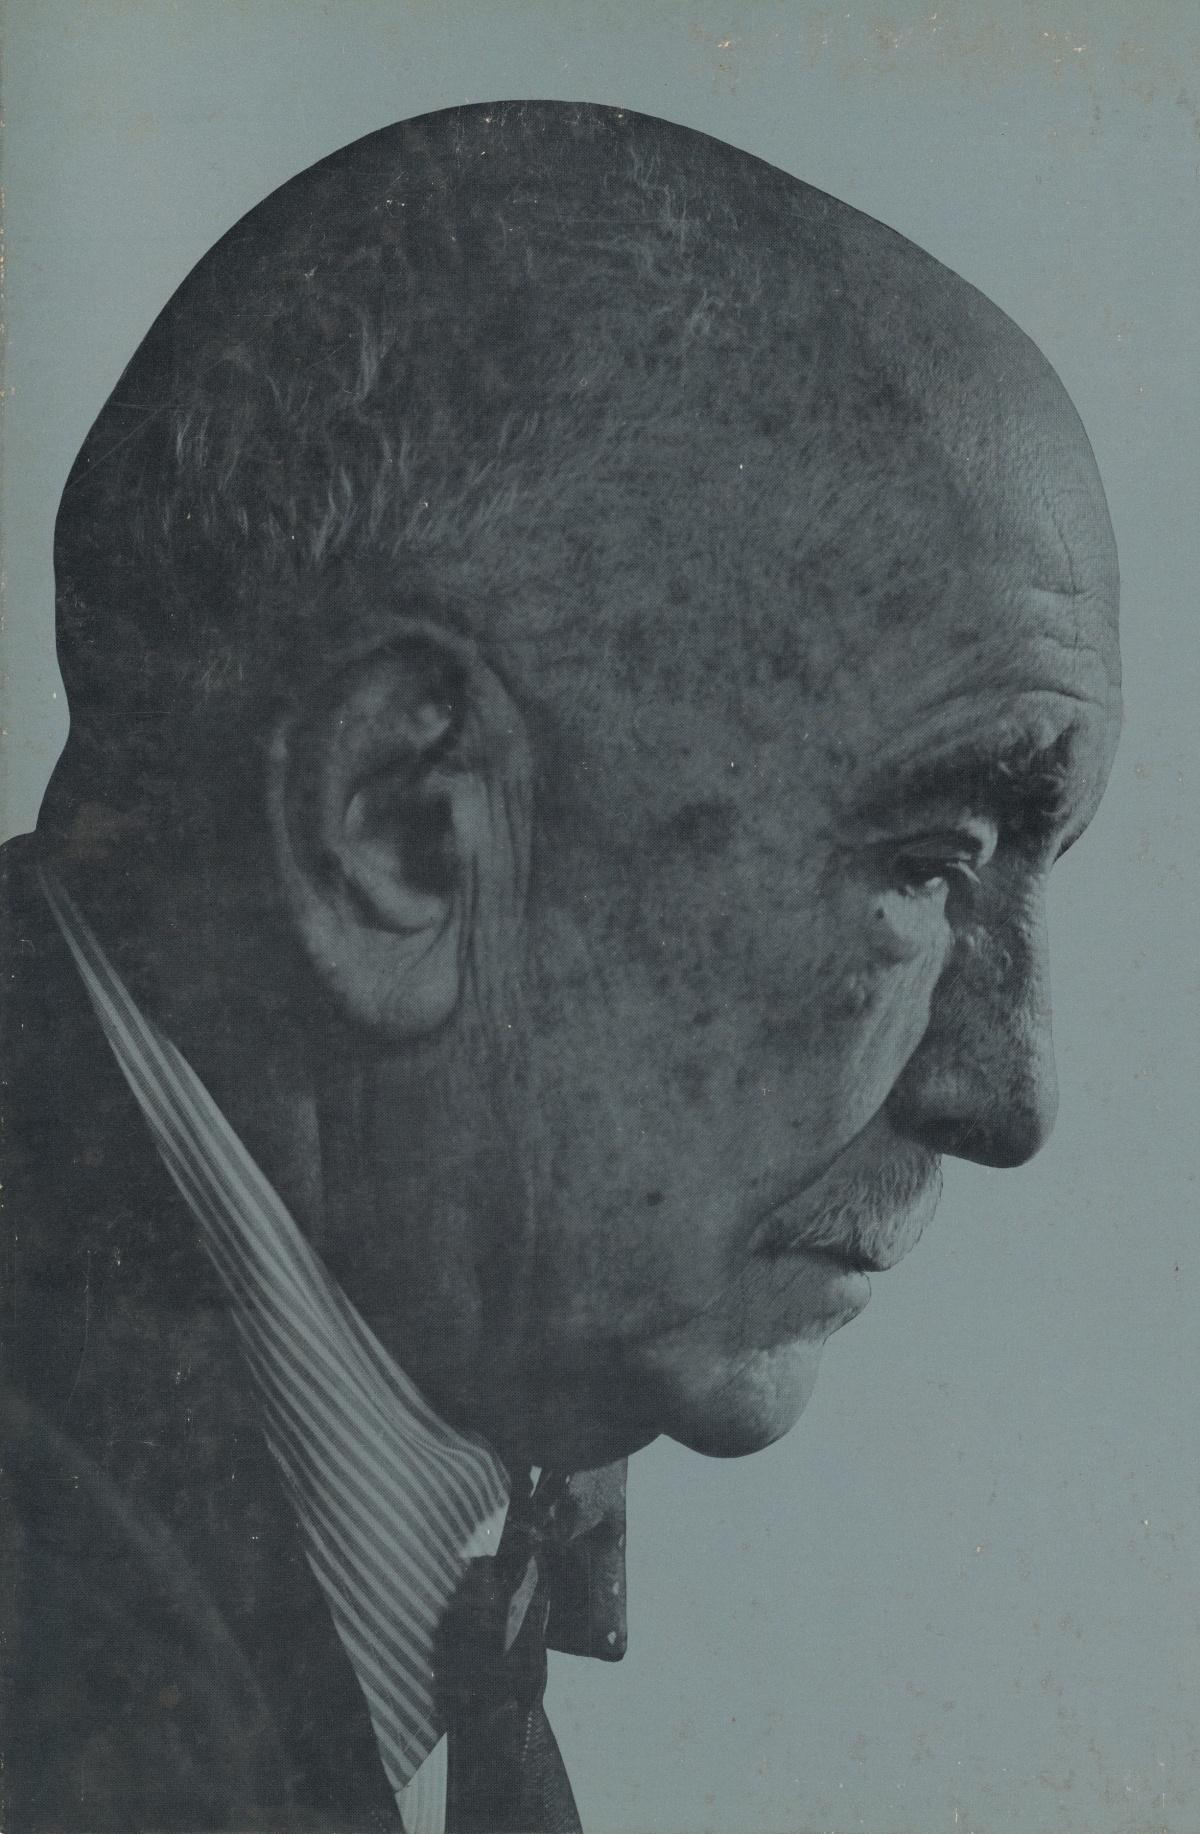 Richard STRAUSS, un portrait fait par Yousuf KARSH publié sur la pochette du disque Bristol B 406